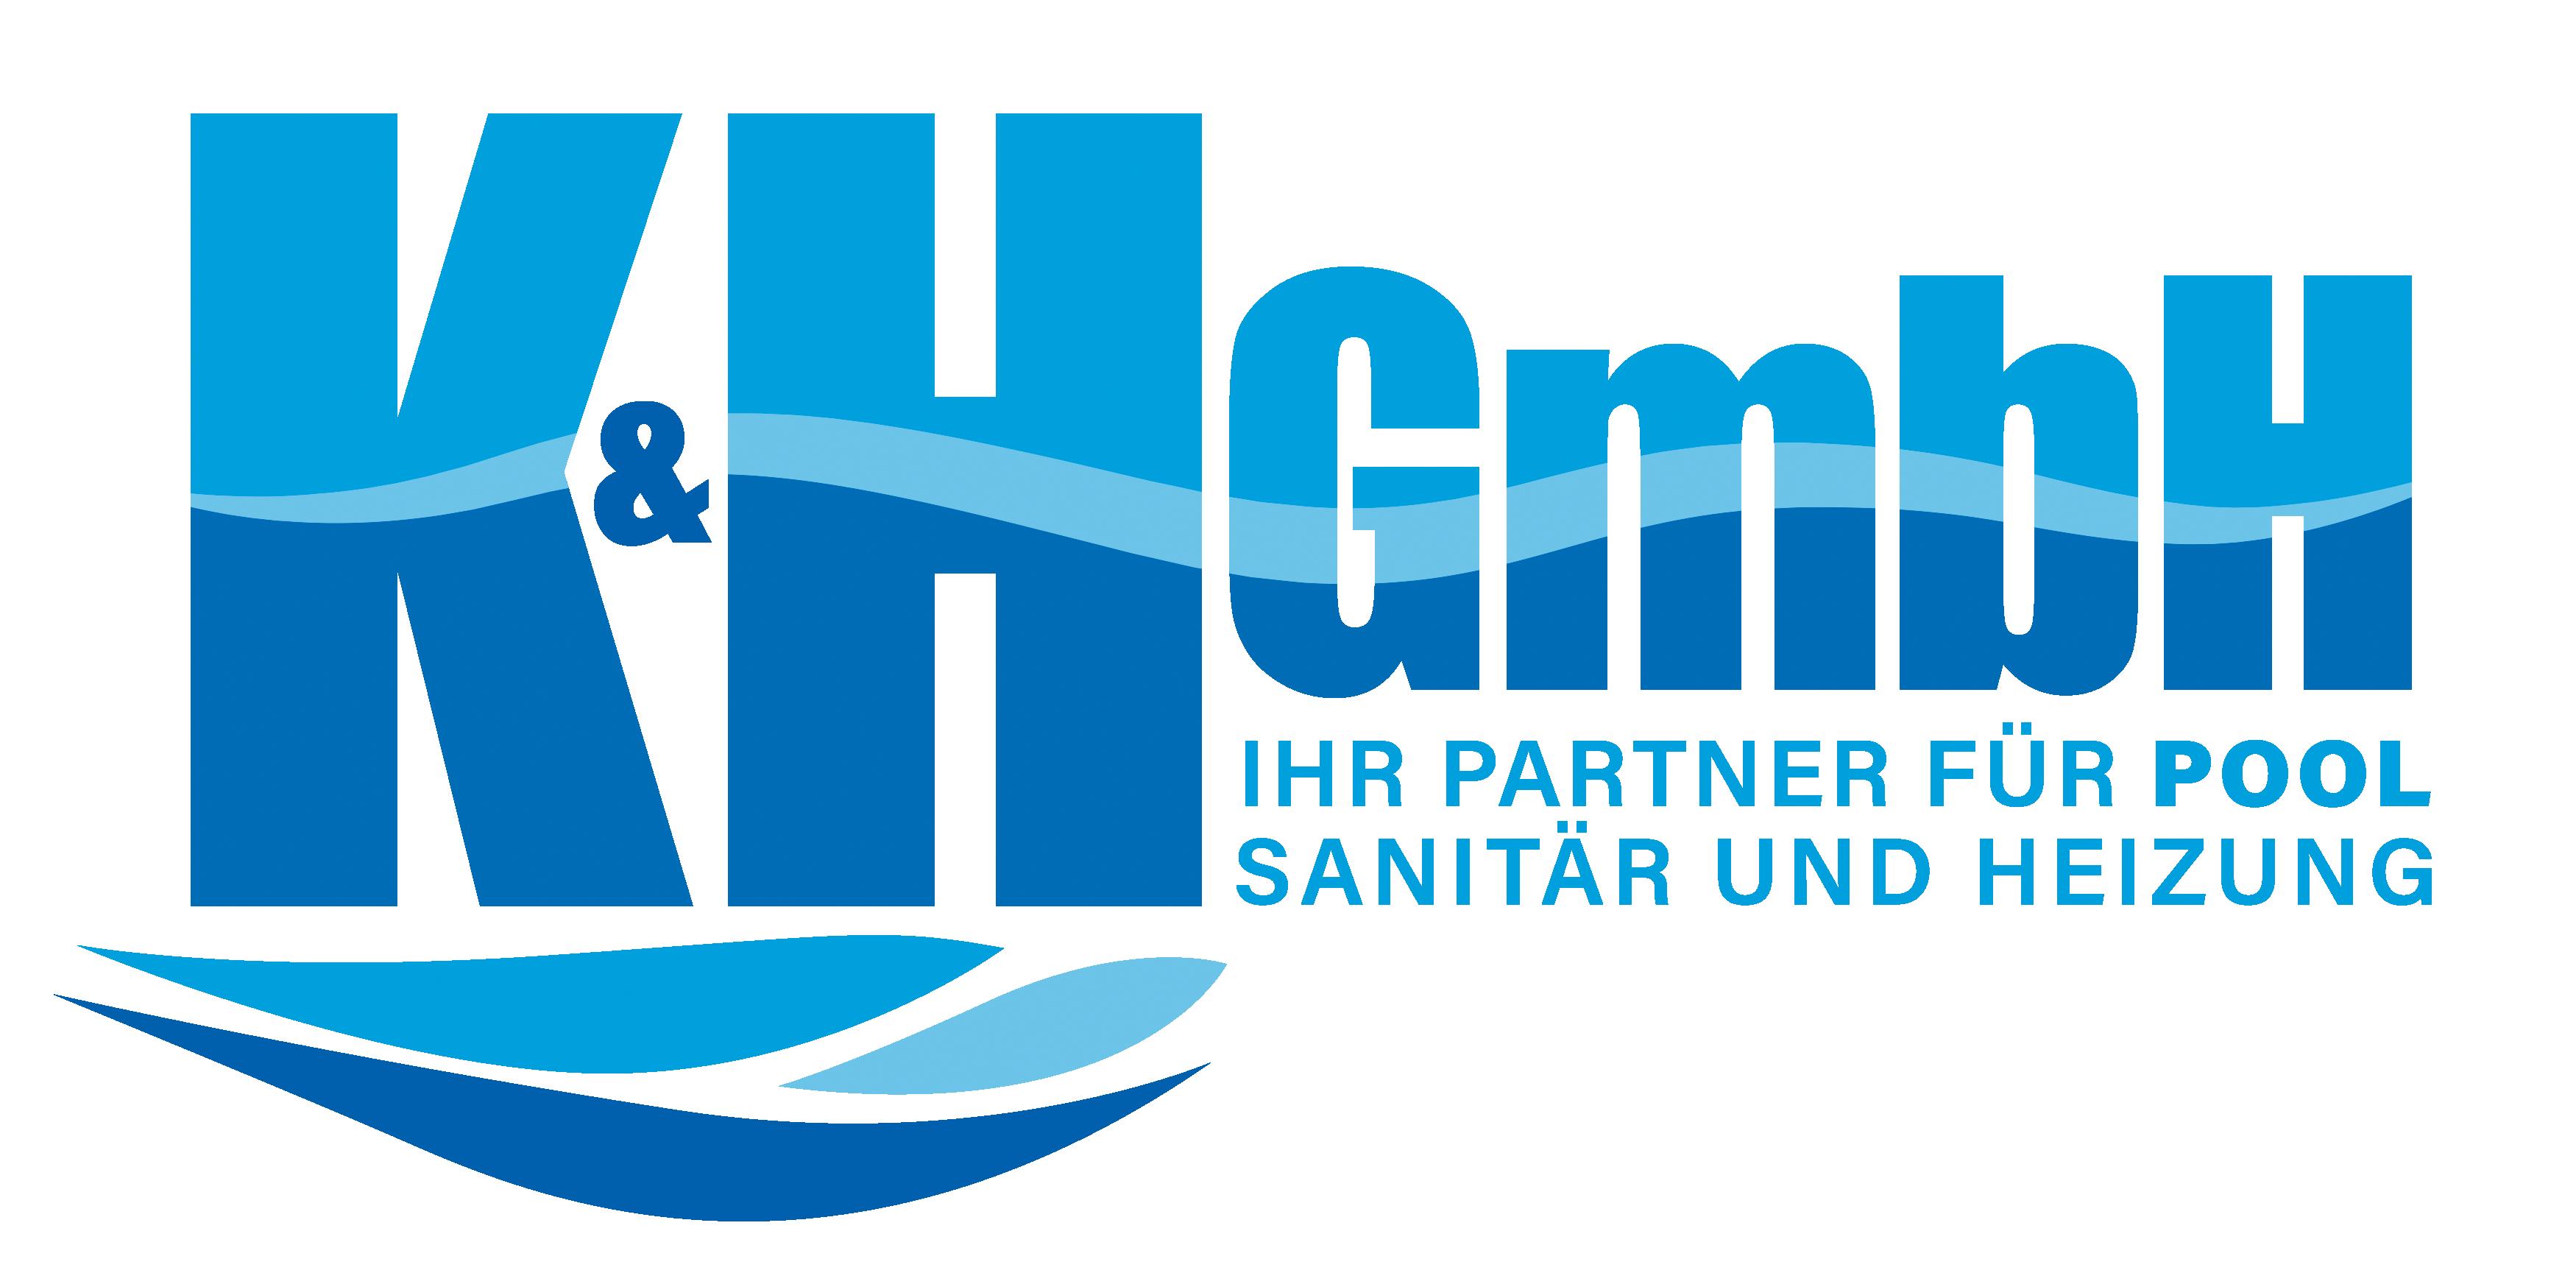 KH Pool GmbH in Kehl